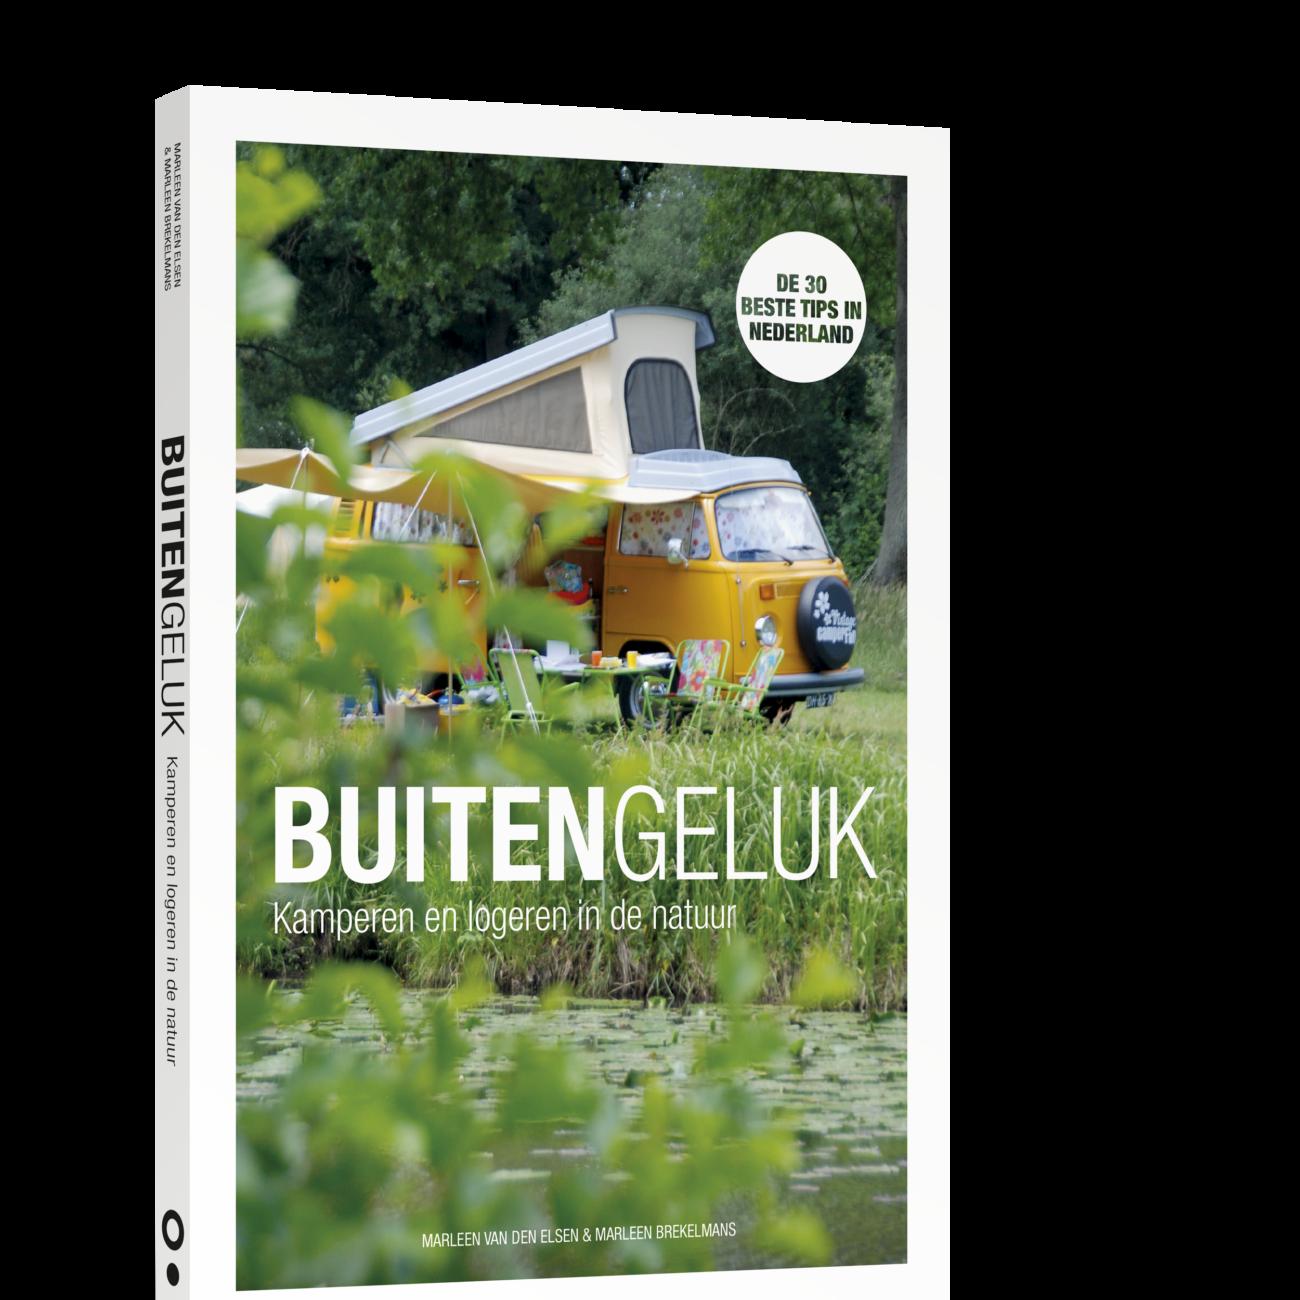 Hippe camping gids met de 30 fijnste campings van Nederland